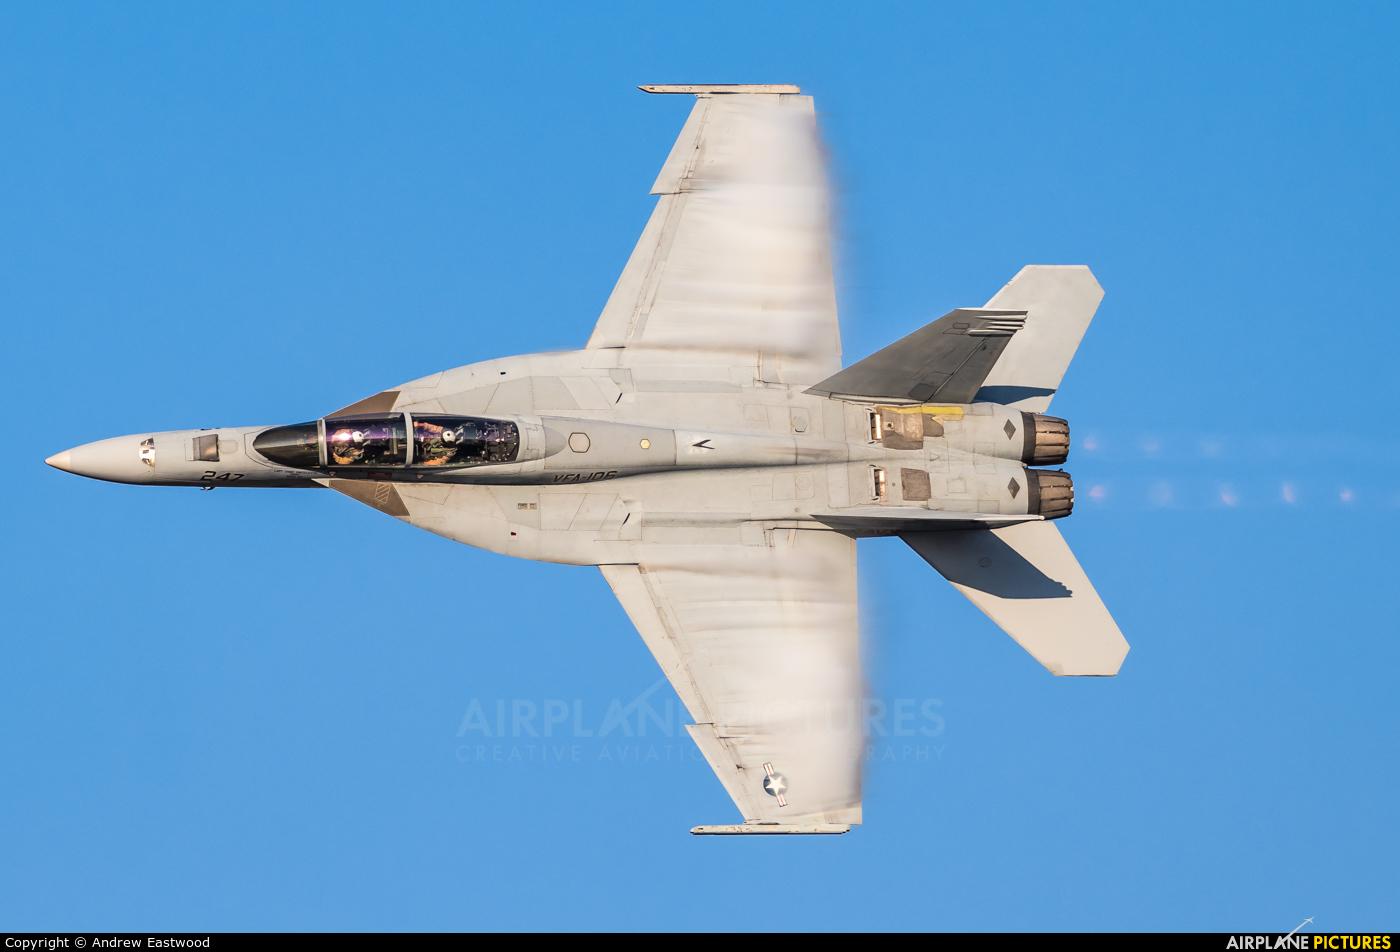 USA - Navy 166467 aircraft at London  Intl, ON